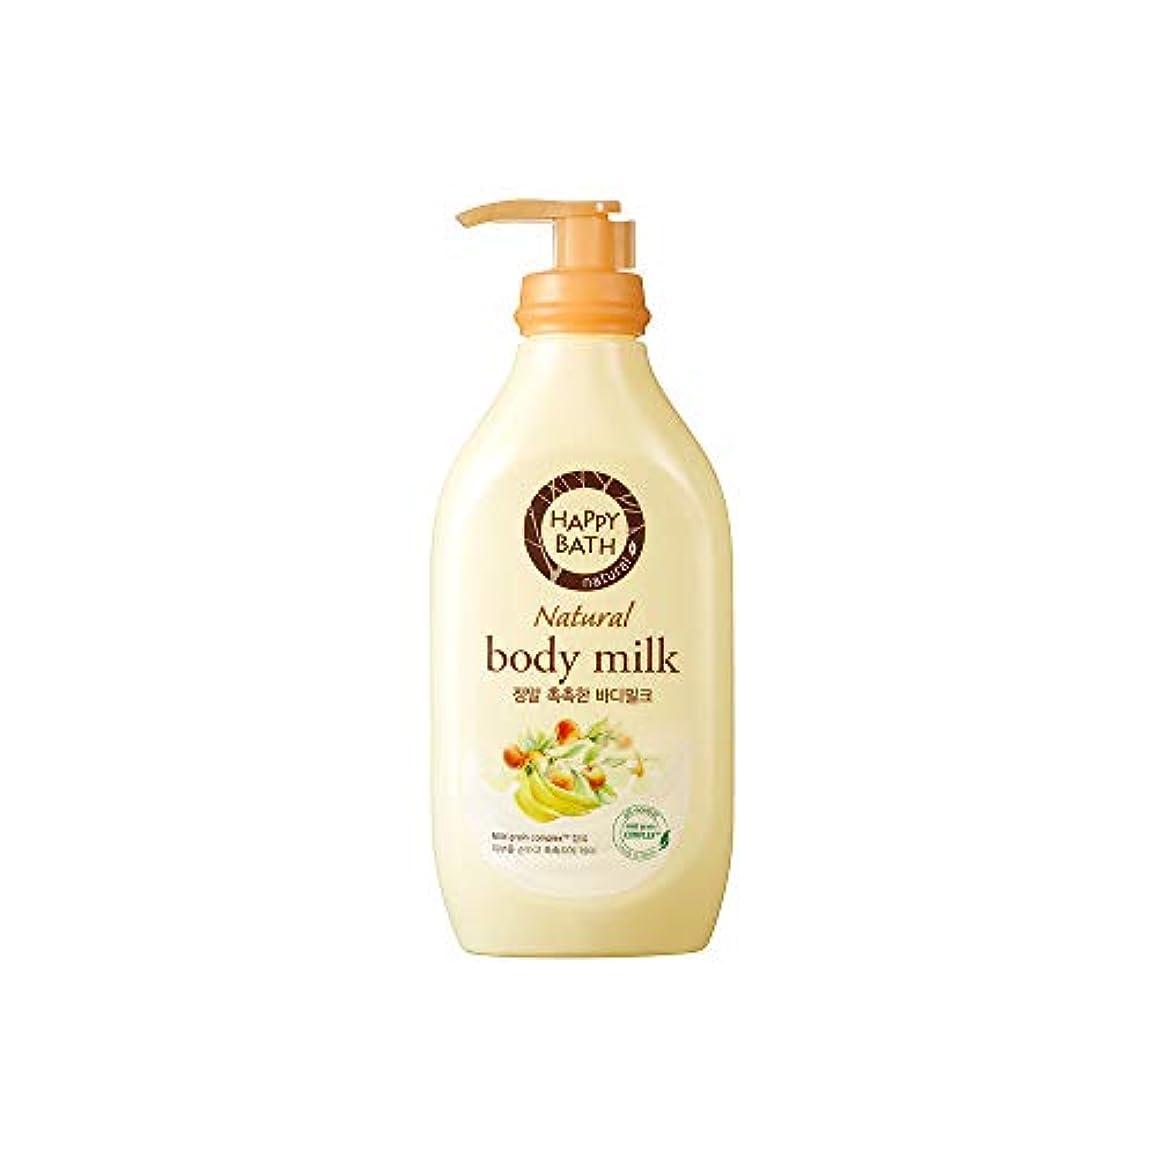 違反するいたずらな孤独な[HAPPY BATH] ハッピーバス ナチュラルボディミルク しっとりタイプ ボディローション 450ml (moisture body milk 450ml)